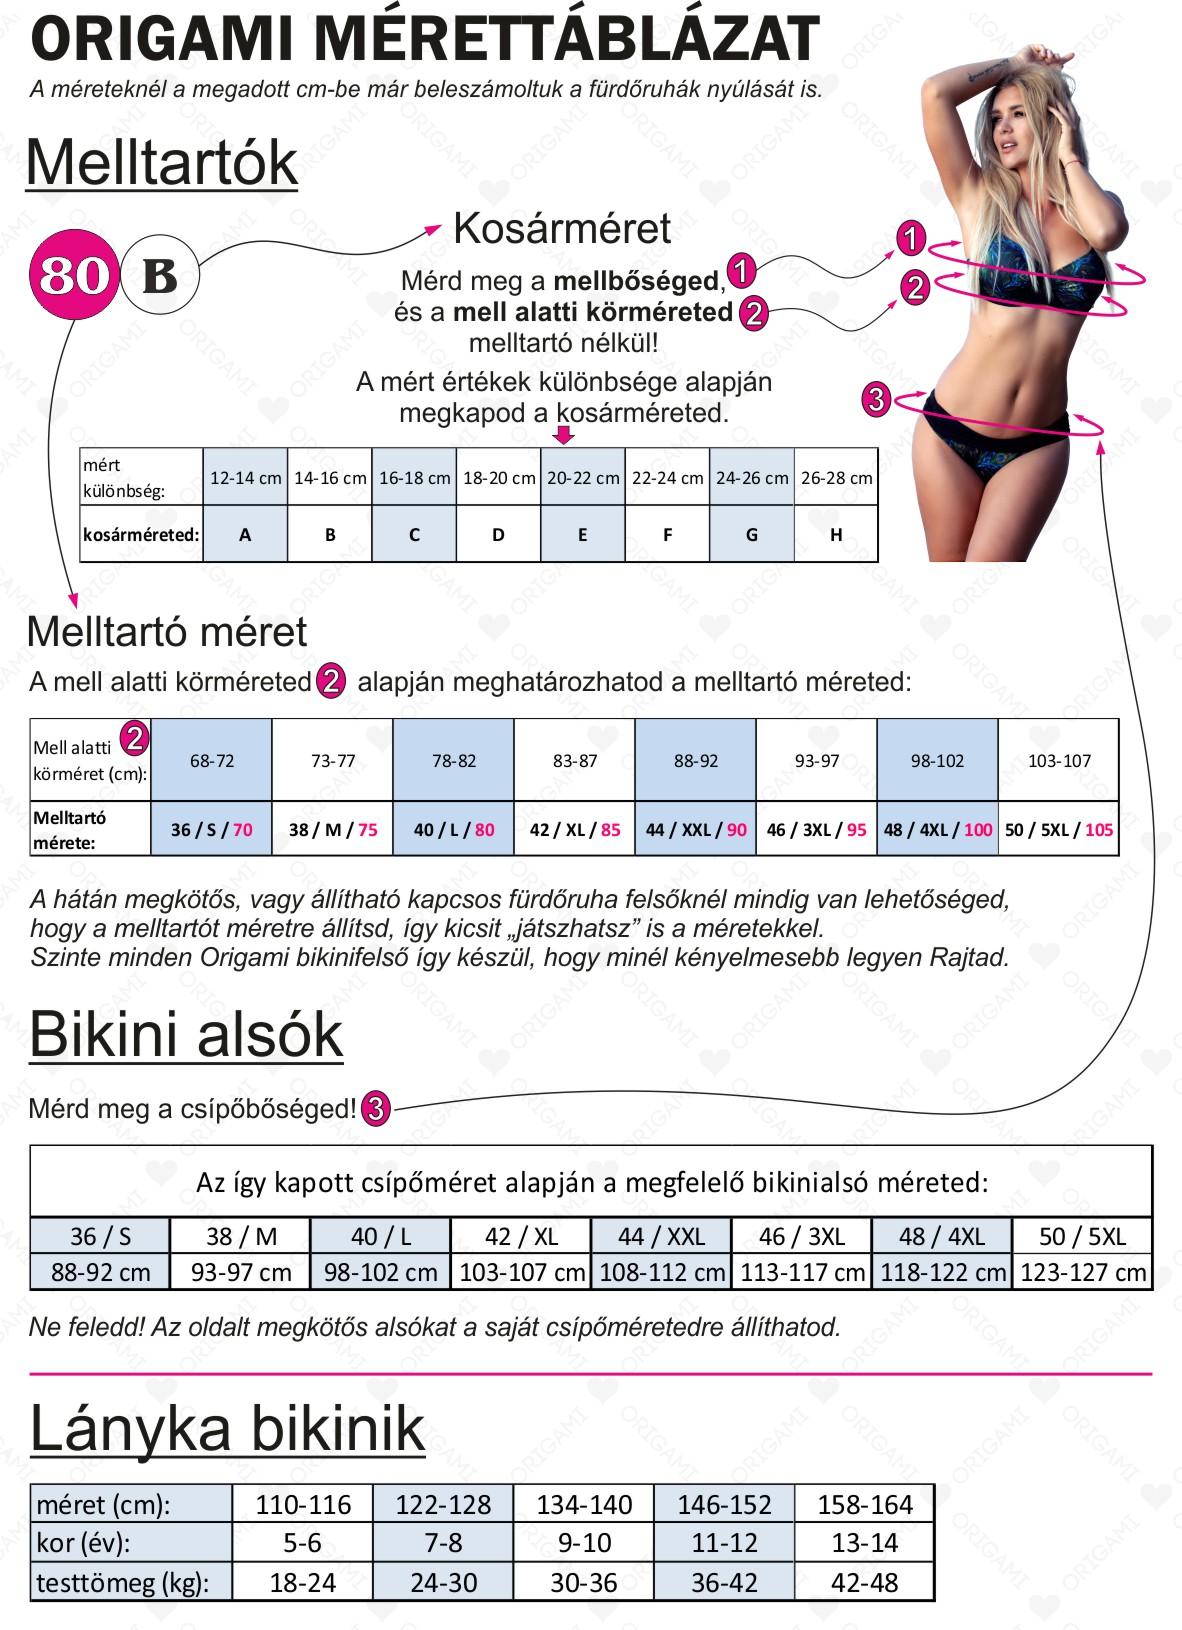 Origami Bikini 2020 mérettáblázat